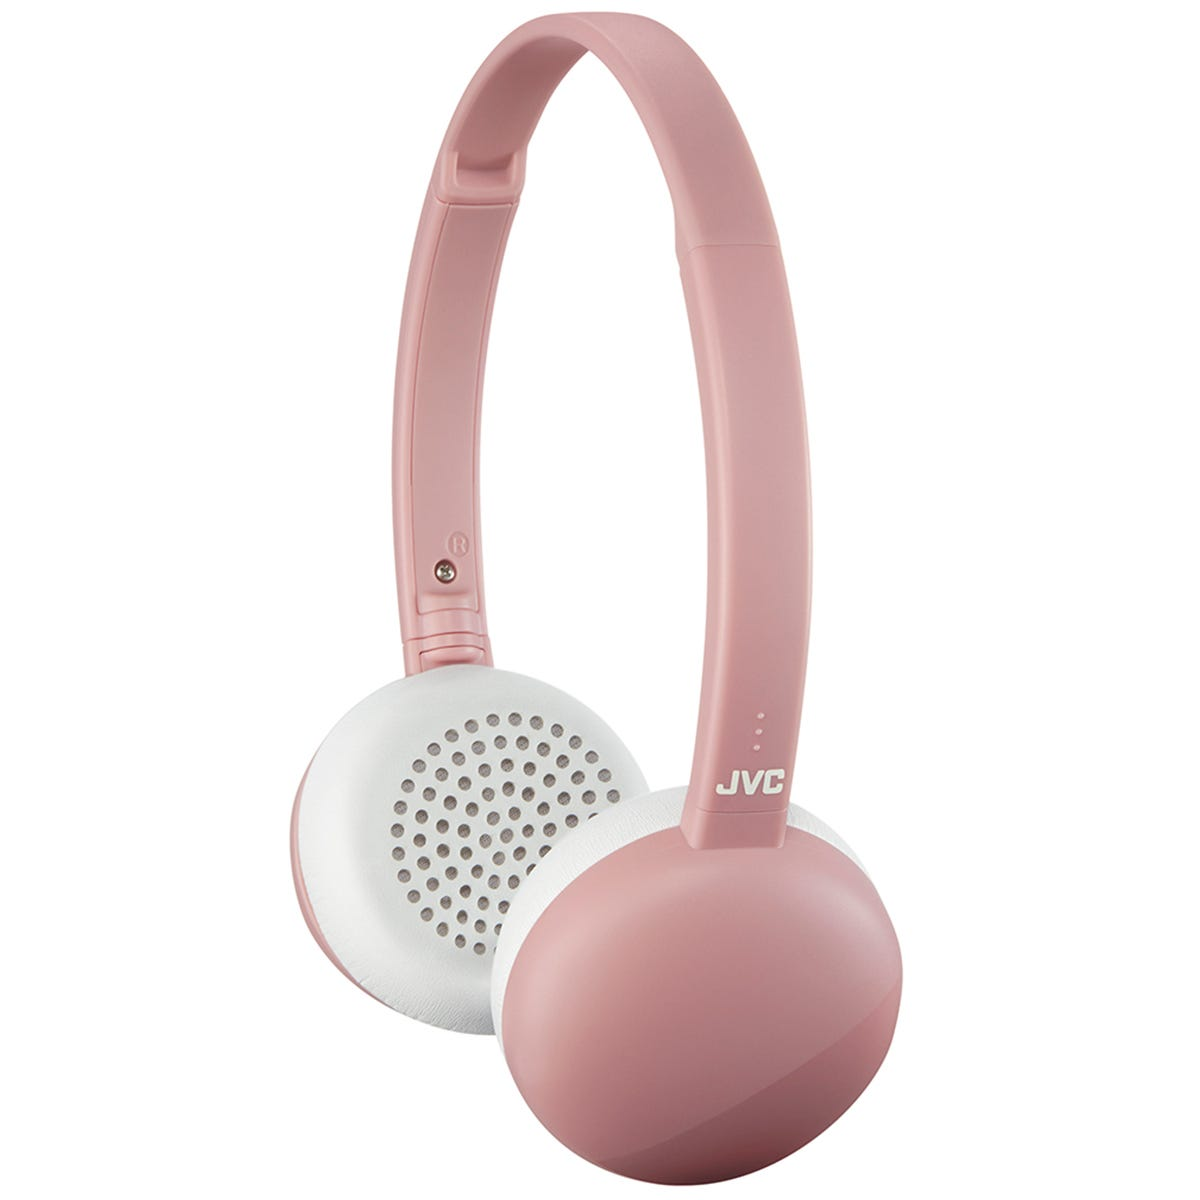 JVC Flats Wireless Bluetooth Headphones - Pink